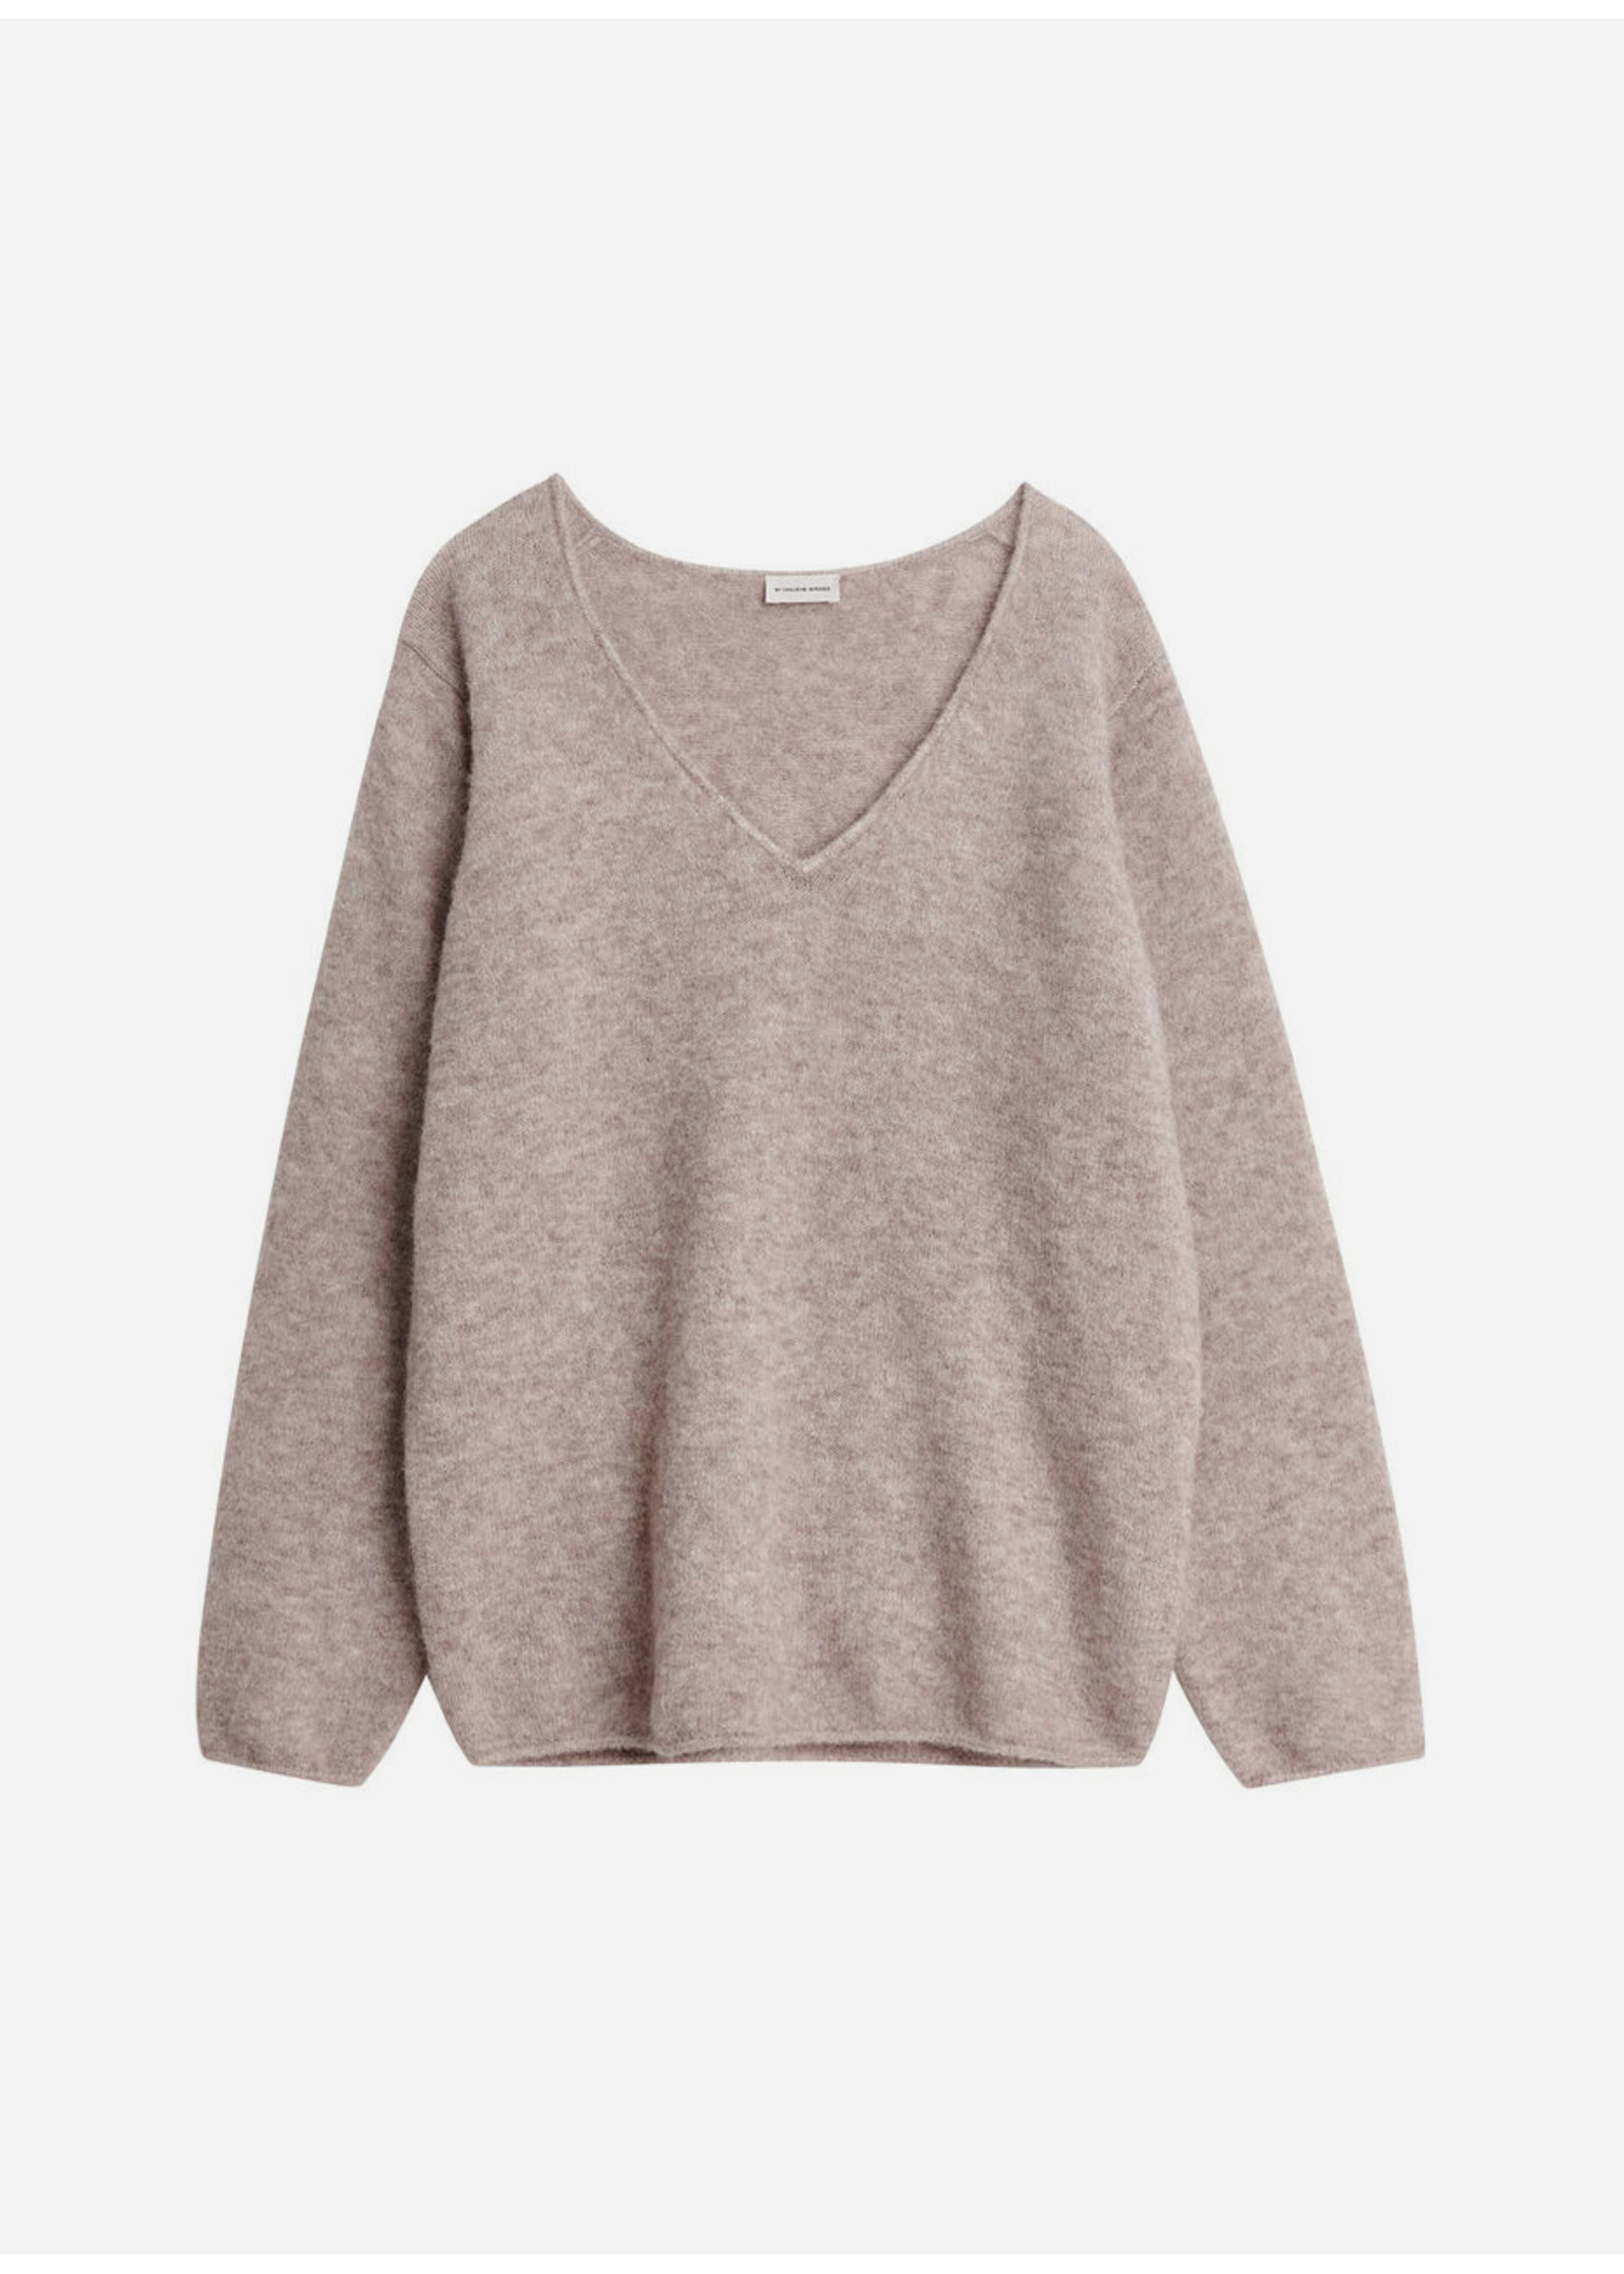 Malene Birger Rhila Knitwear Chantarelle